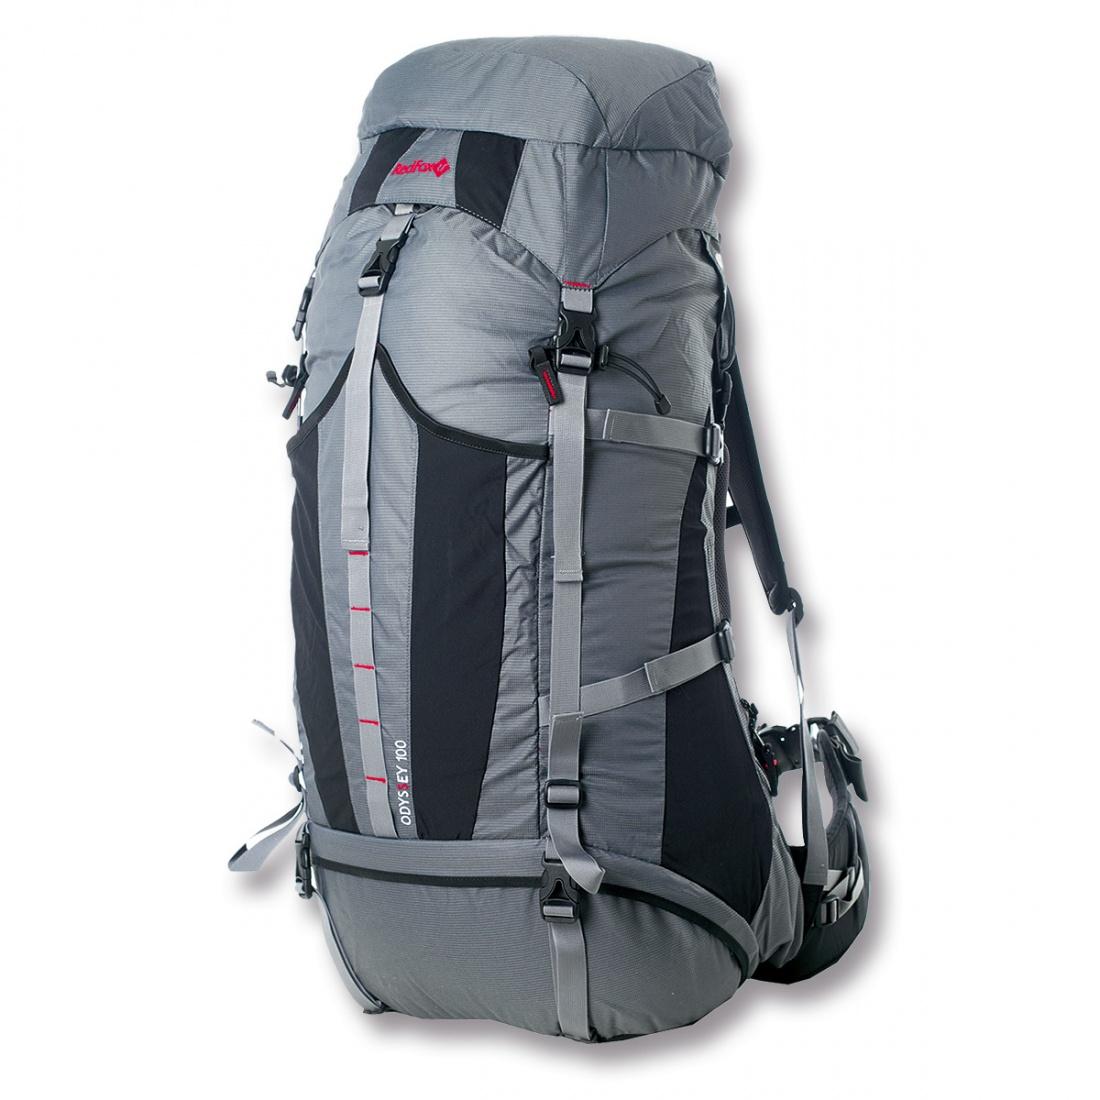 Рюкзак odyssey 90 выбор объема рюкзака